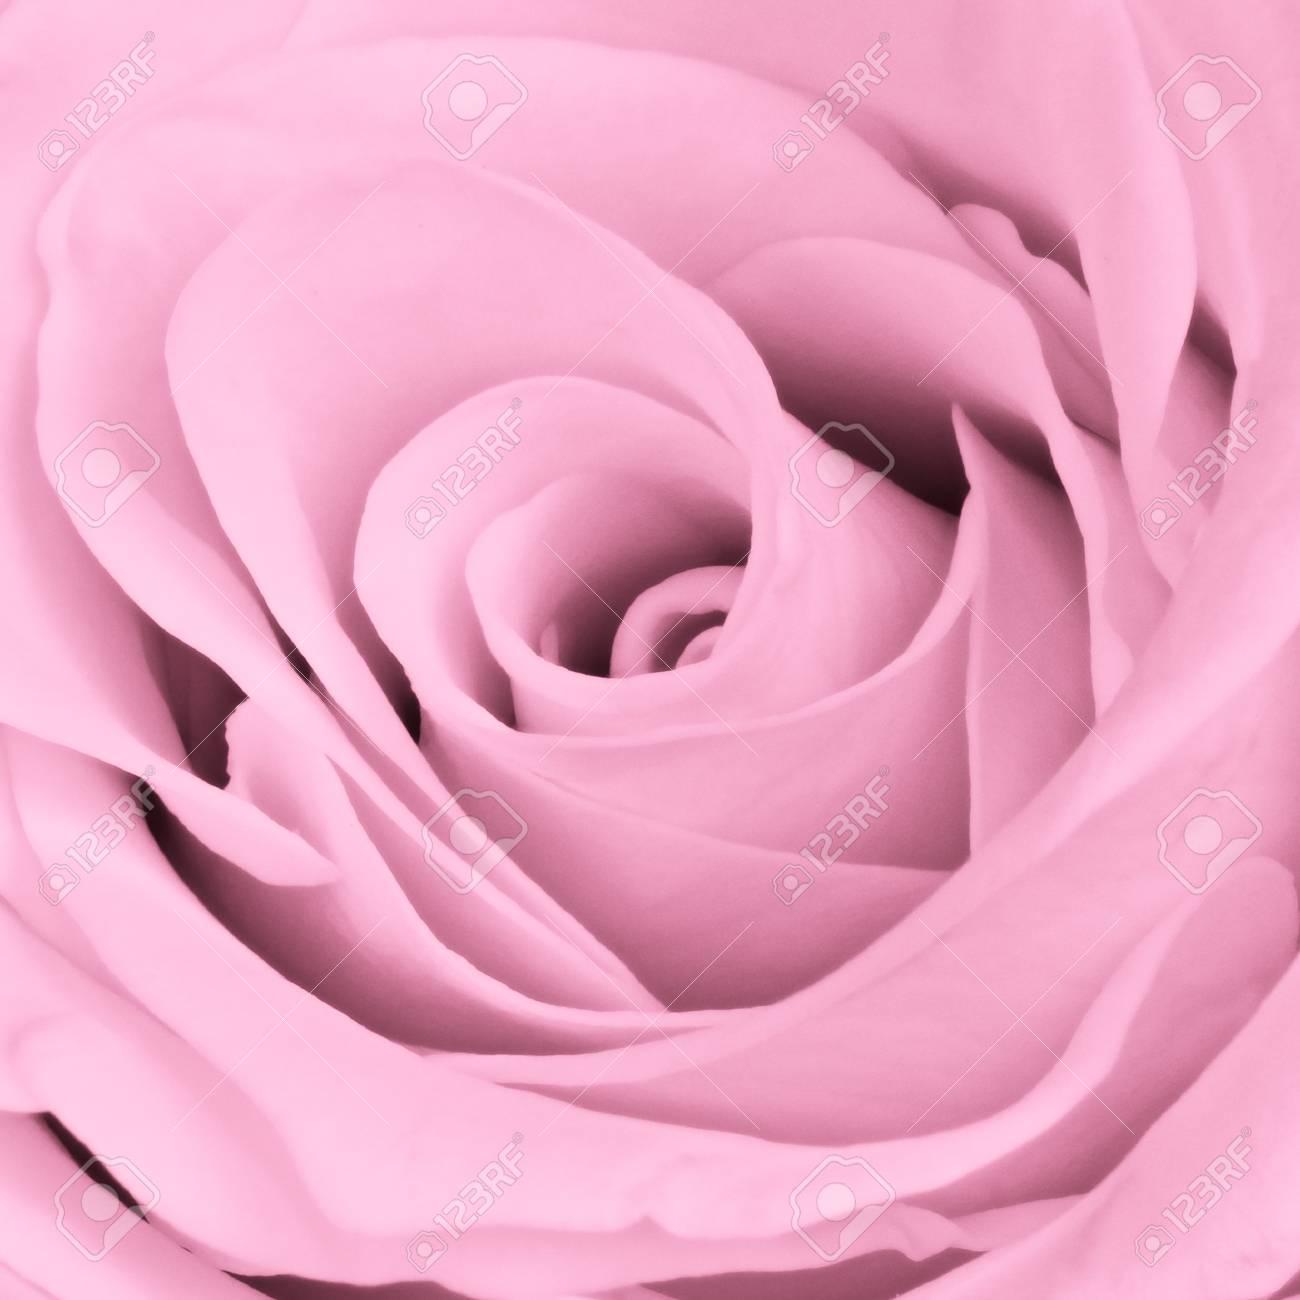 close up of pink rose petals Stock Photo - 13646675